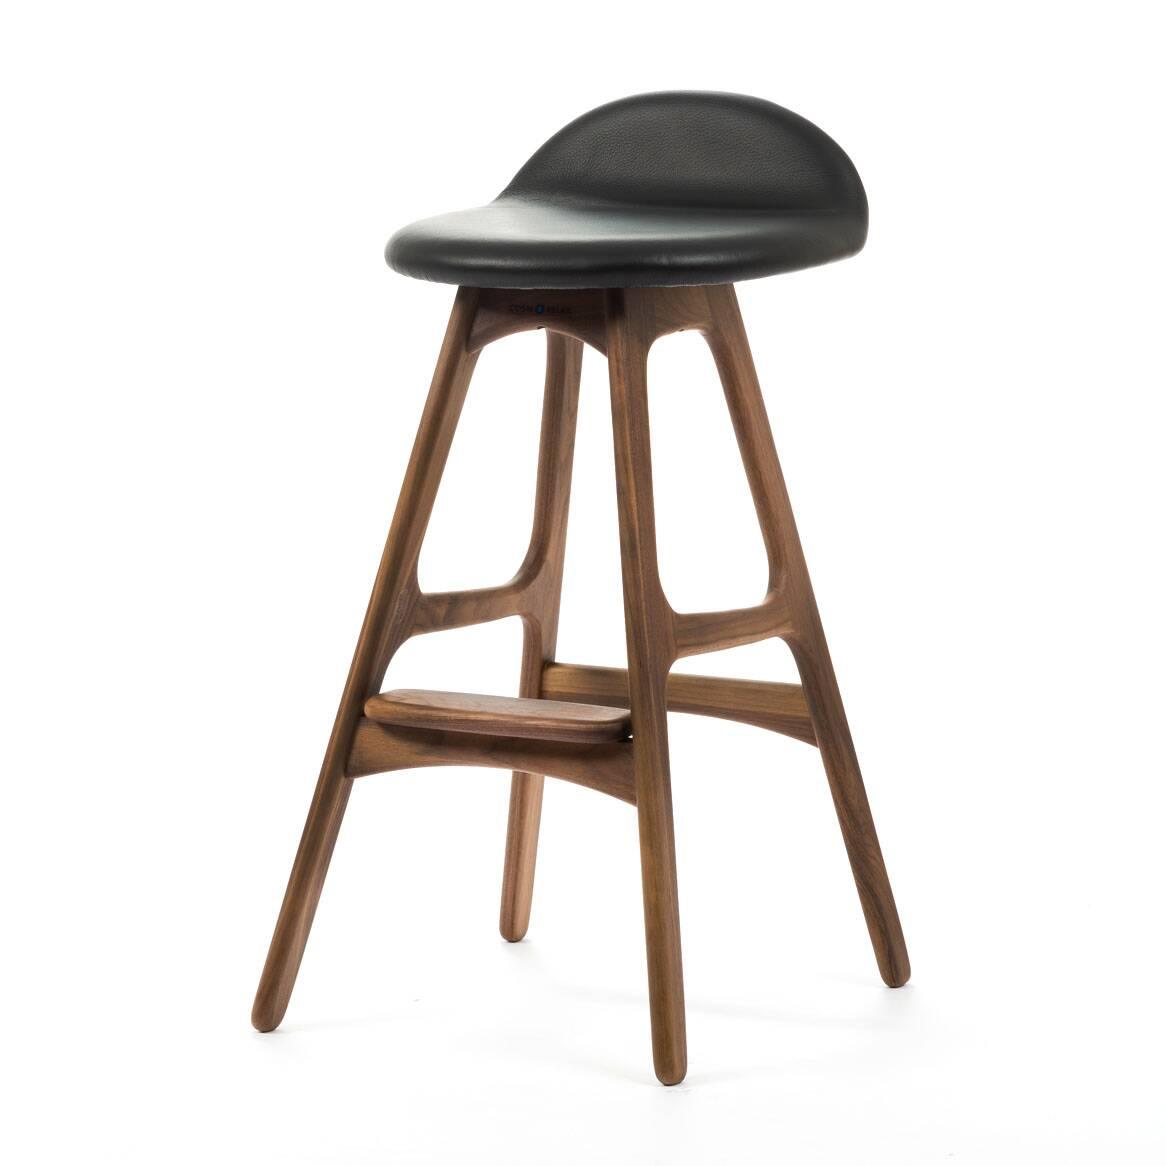 Барный стул Buch 2Полубарные<br>Мы говорим скандинавский модерн, подразумеваем целую плеяду дизайнеров-экспериментаторов, среди которых был и Эрик Бук. Мебель этого датчанина с 1957 года занимает прочные позиции в истории дизайна благодаря минималистичным обтекаемым формам, натуральным материалам — дереву, ткани и коже, практичности и функциональности.<br><br><br> Поклонников модного нынче экологичного образа жизни, да и просто любителей завтраков и ужинов на траве, наверняка привлечет знаменитый барный стул Buch 2. Он появи...<br><br>stock: 0<br>Высота: 75,5<br>Высота сиденья: 65<br>Ширина: 40<br>Глубина: 45<br>Цвет ножек: Орех<br>Материал ножек: Массив ореха<br>Цвет сидения: Черный<br>Тип материала сидения: Кожа<br>Коллекция ткани: Standart Leather<br>Тип материала ножек: Дерево